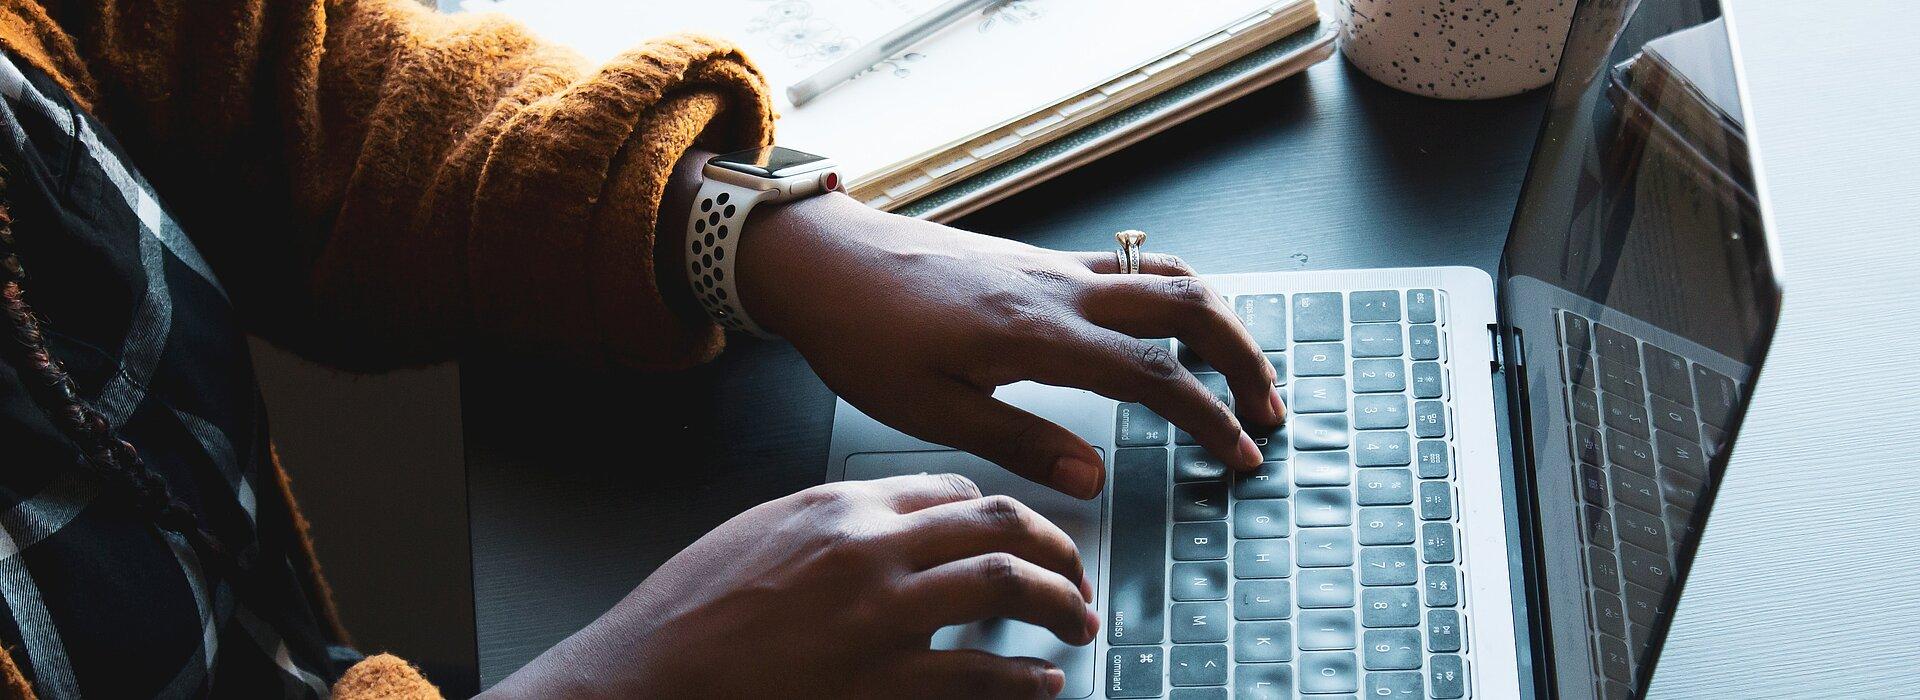 A foto mostra as mãos de uma mulher negra, que usa um relógio, mexendo em um notebook. Ao lado do notebook tem um caderno e uma xícara.